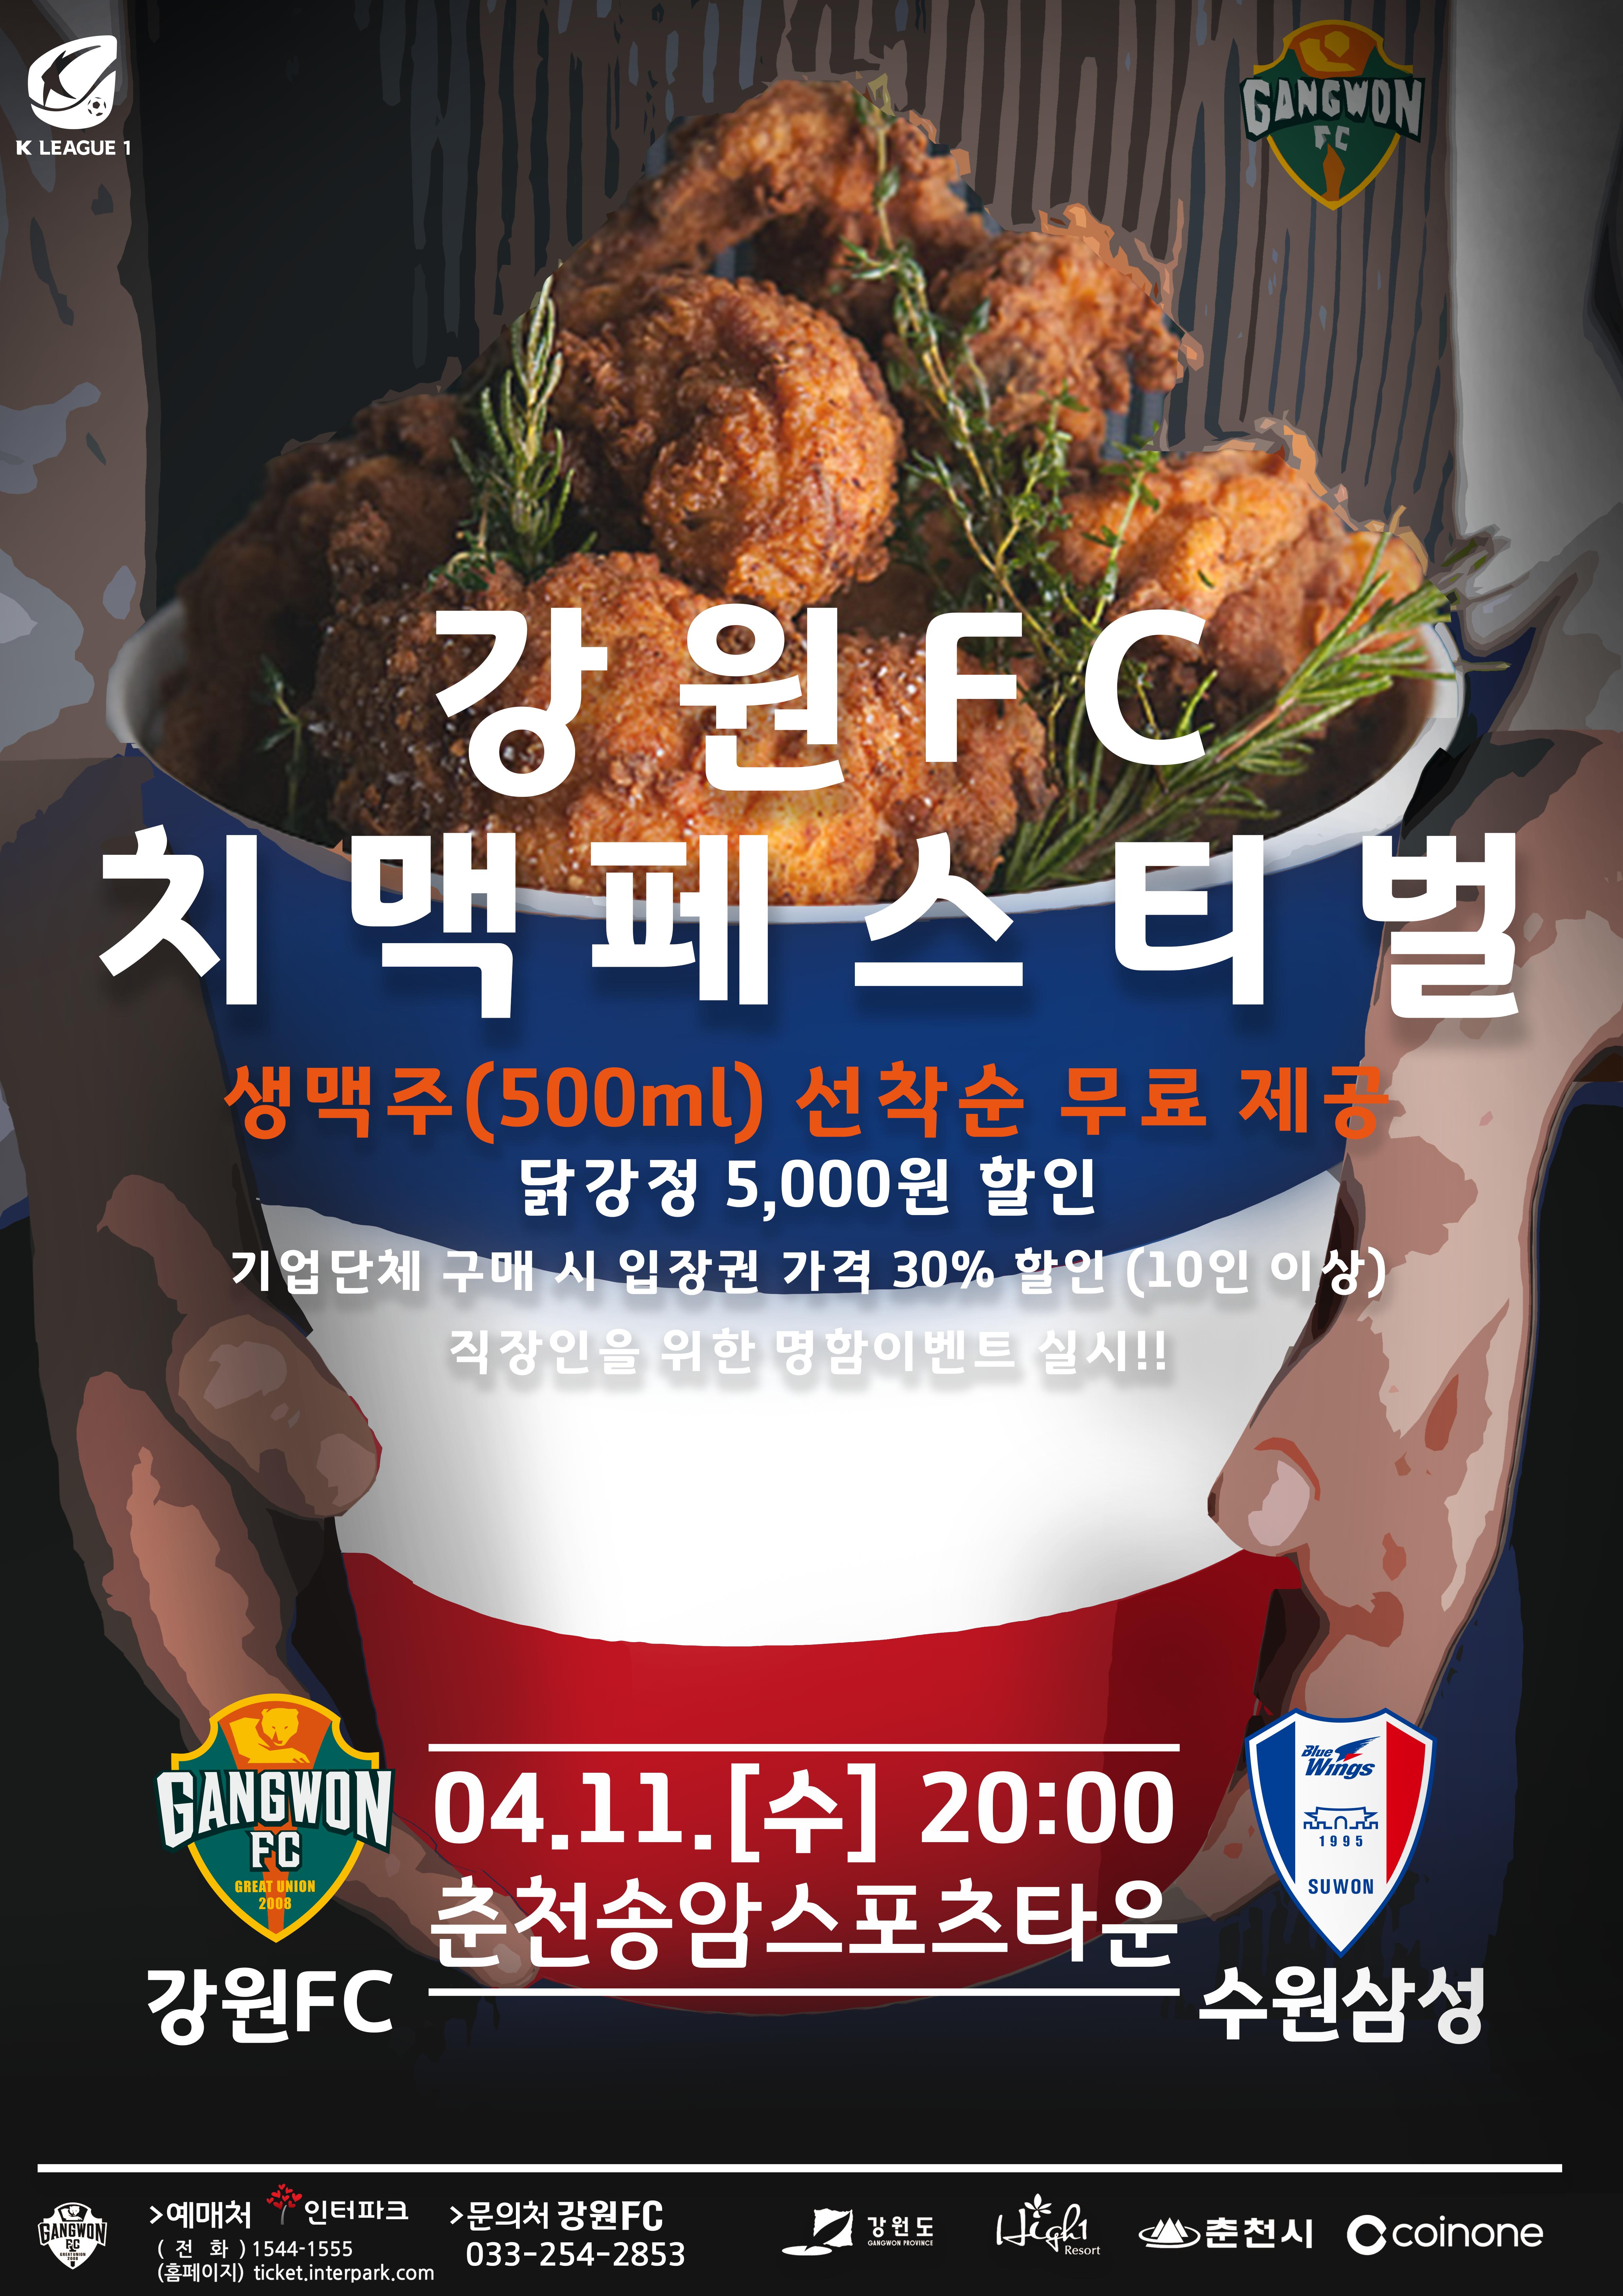 """강원FC """"치맥과 함께 즐겨요""""…6R 경기서 맥주 무료제공"""